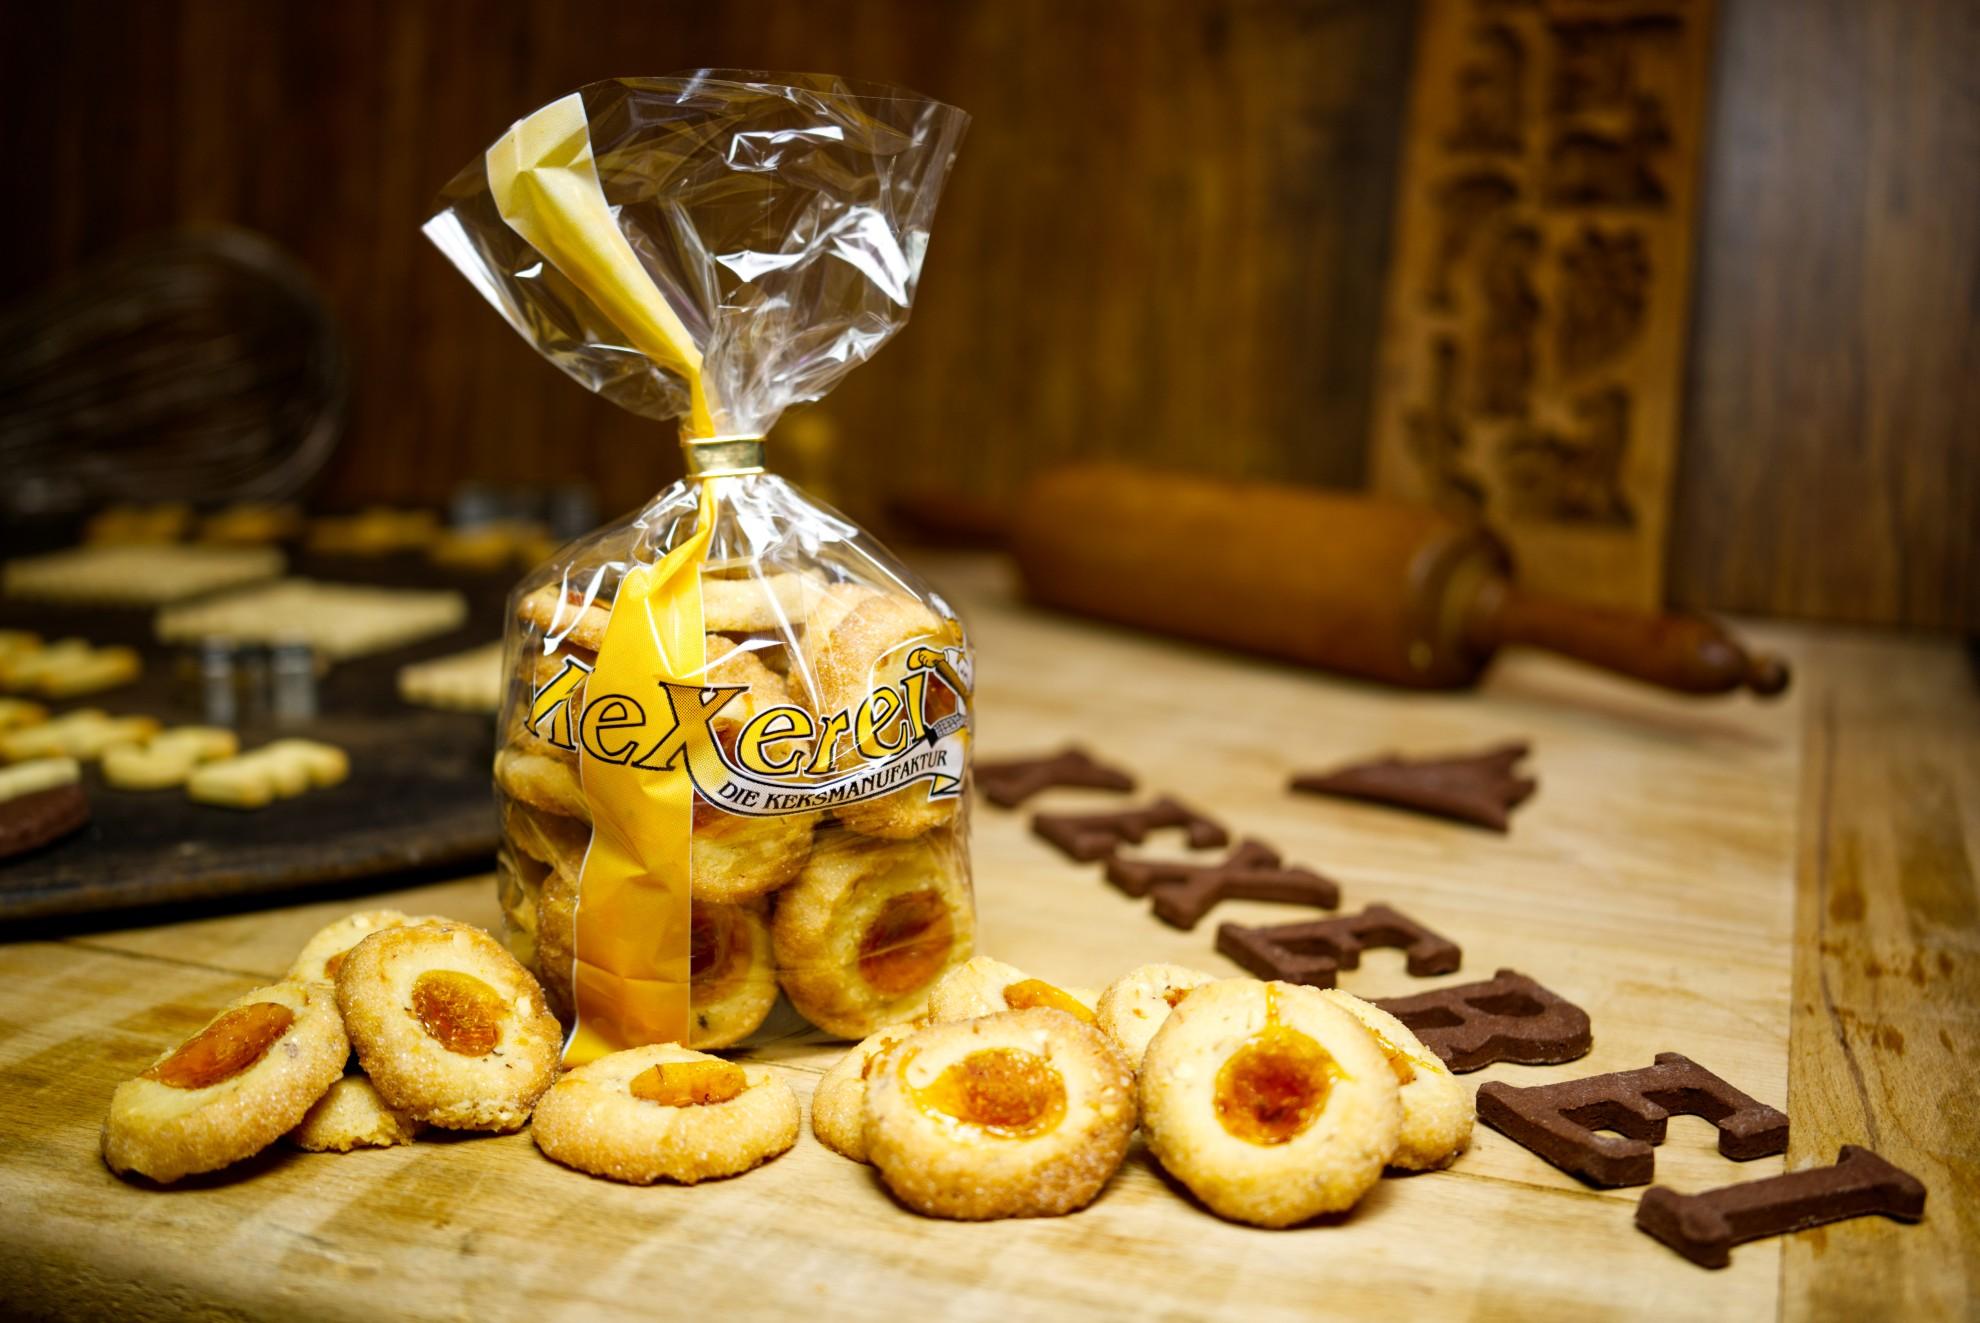 Wunderschöne und leckere Kekse - darauf hat sich die Kexerei spezialisiert. (Foto: Kexerei - Die Keksmanufaktur)